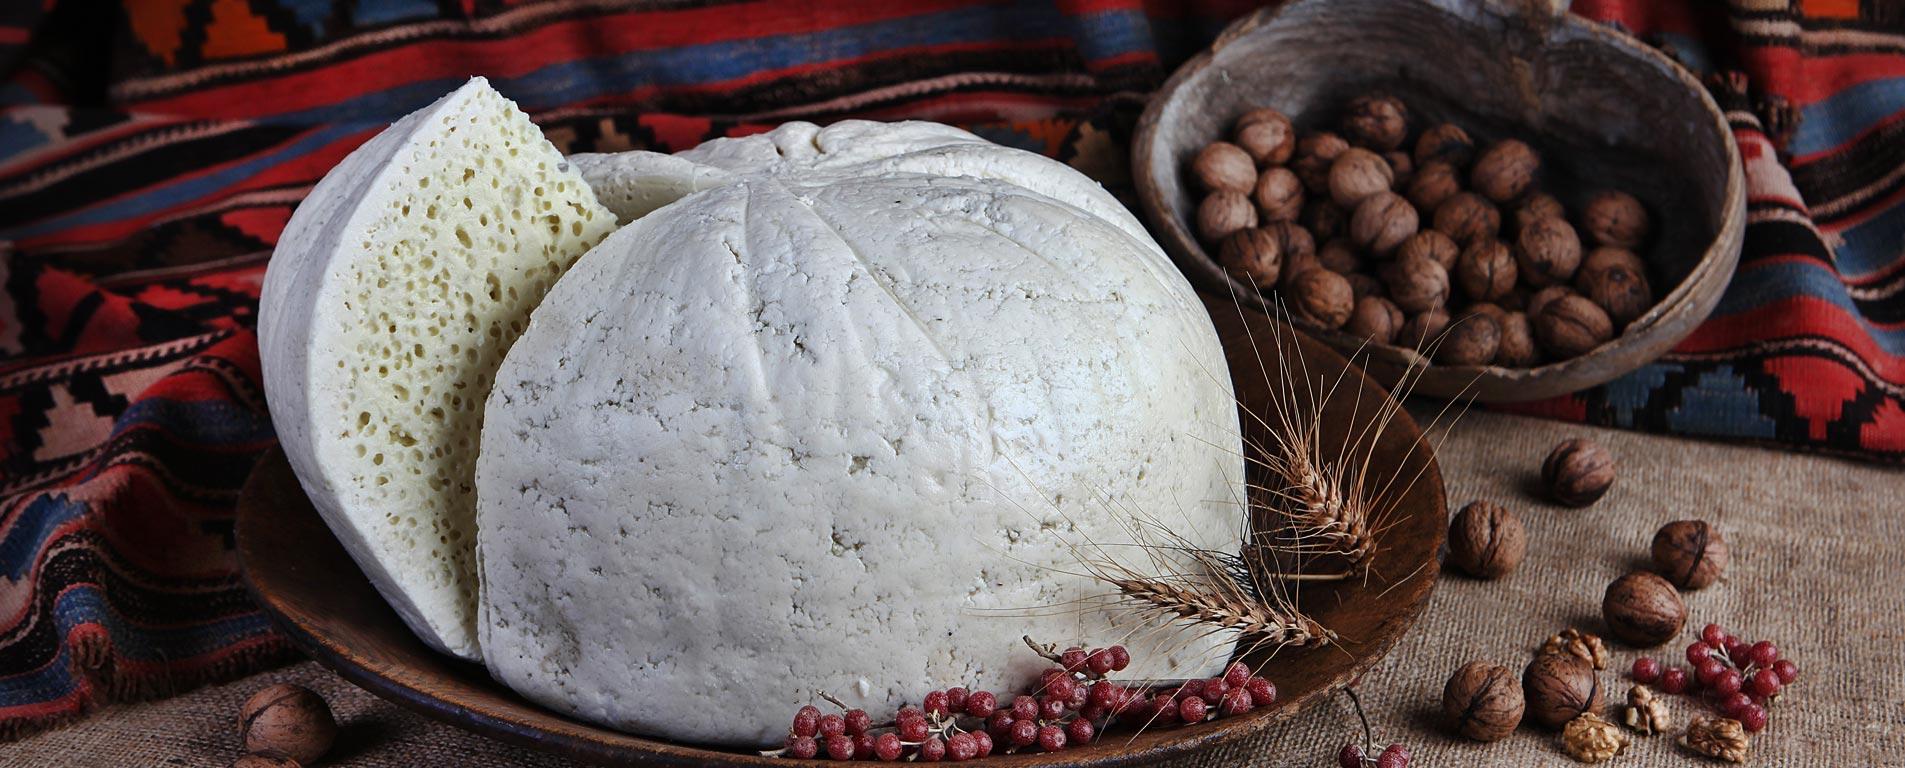 سوغات گرجستان